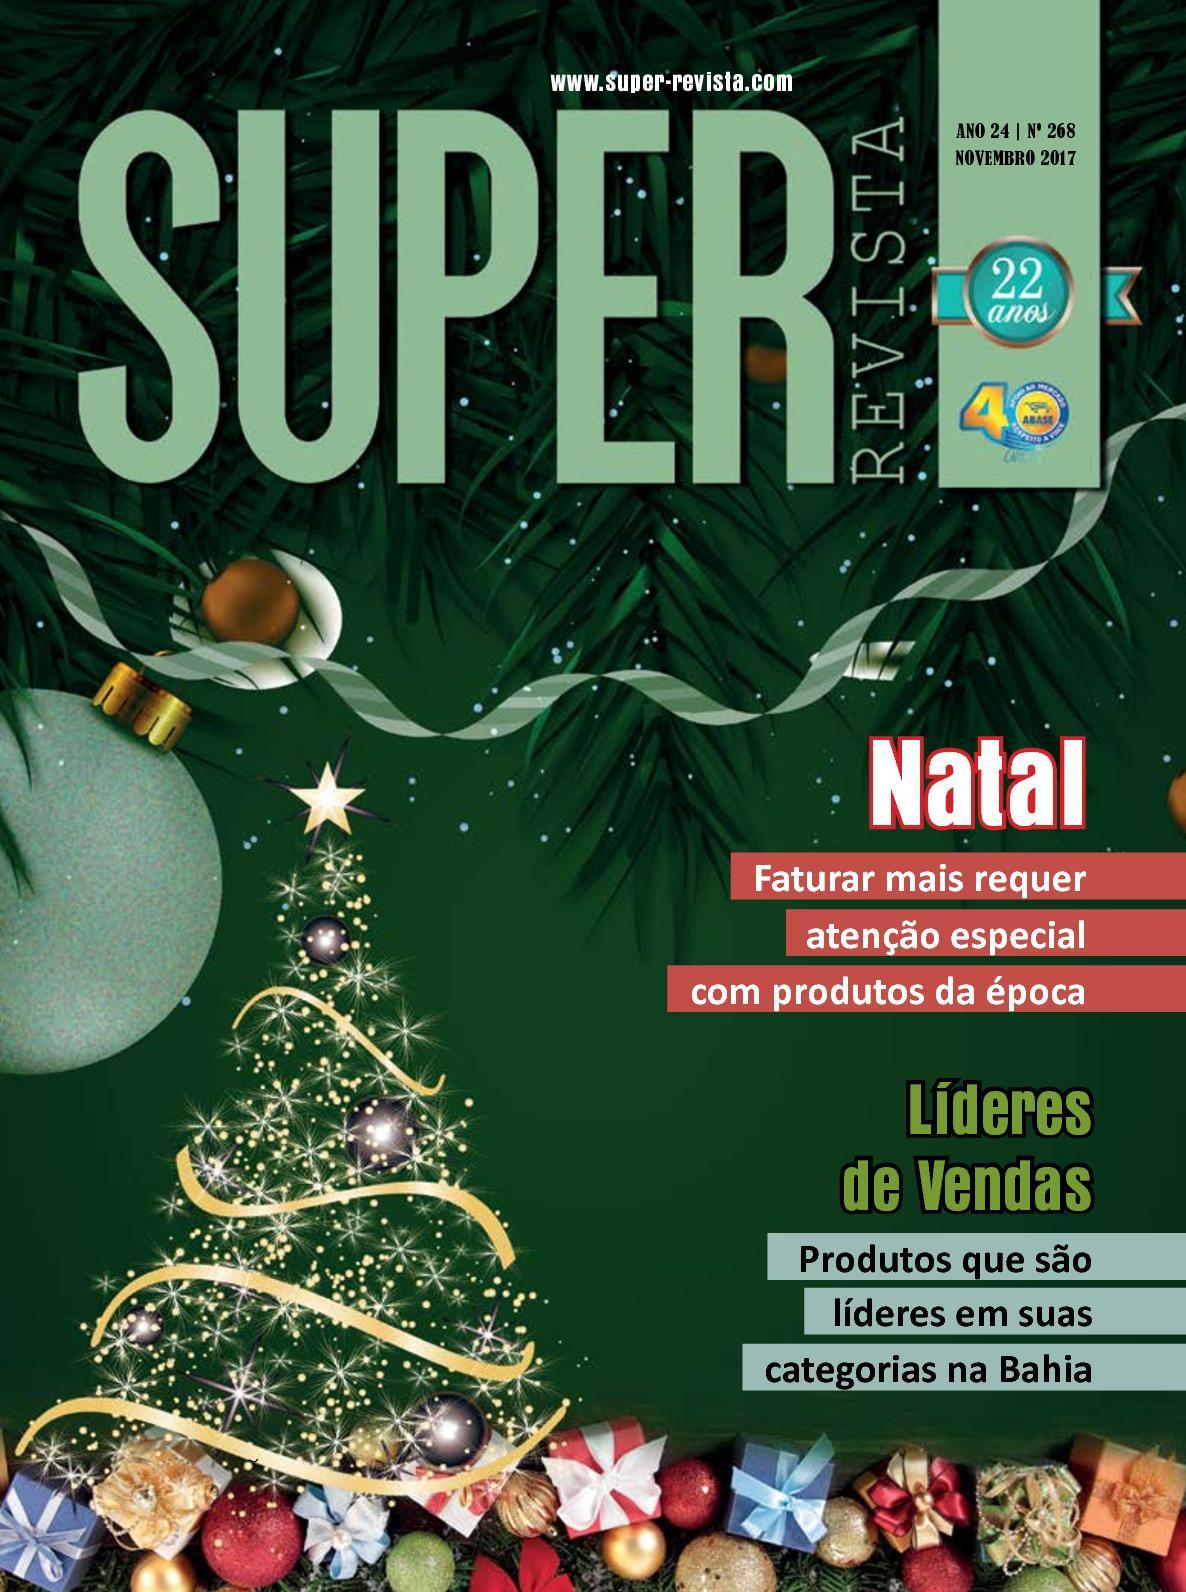 Calaméo - Abase - Super Revista - Novembro 2017 78861efcc8